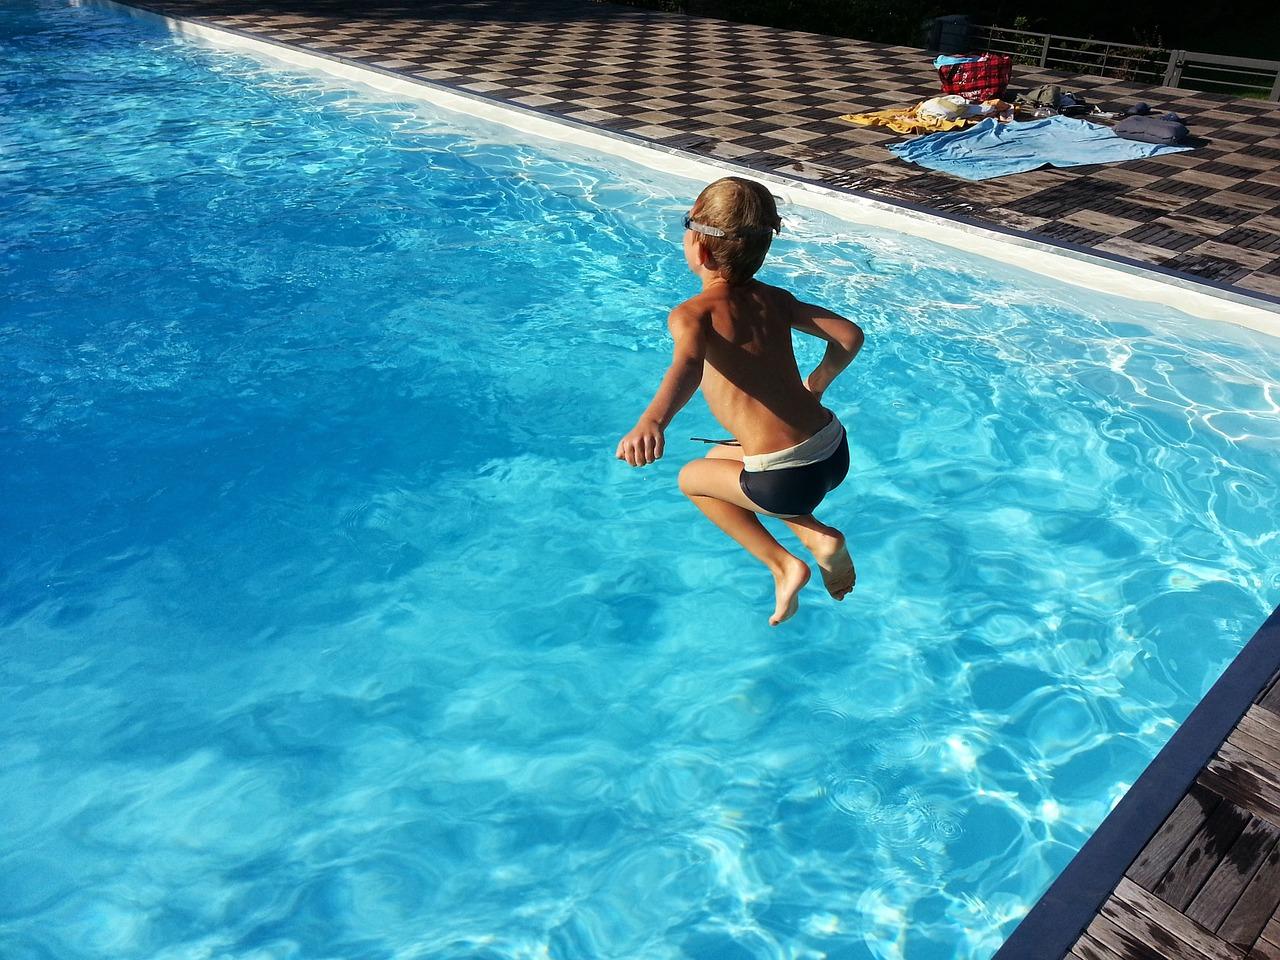 +++ ABGESAGT +++ Kinderfest im Schwimmbad